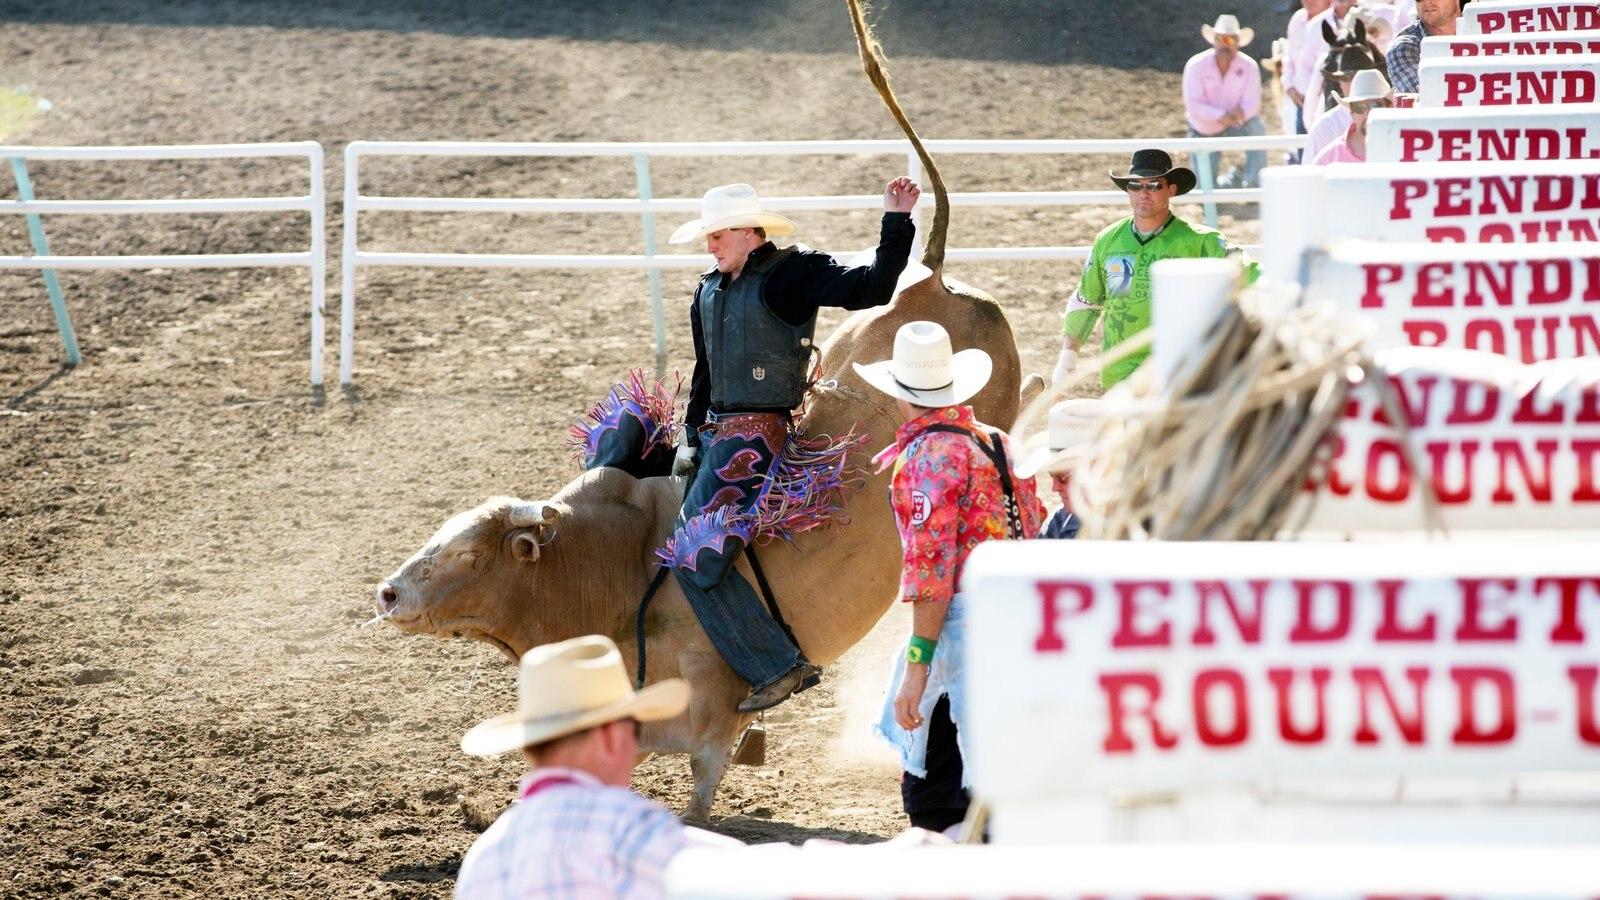 Pendleton ofreciendo animales terrestres y un evento deportivo y también un pequeño grupo de personas